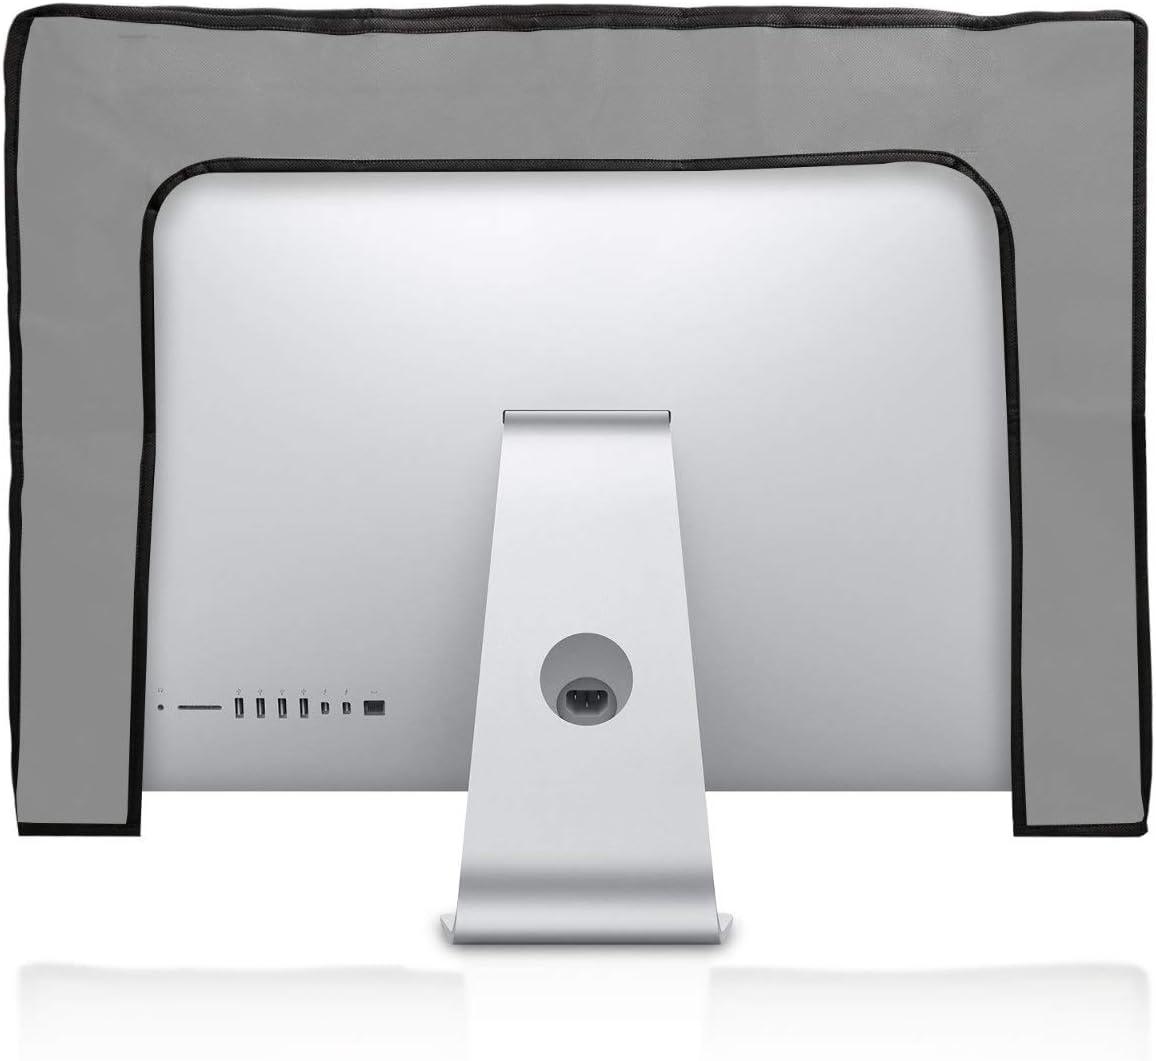 PC Bildschirm Schutzh/ülle kwmobile H/ülle kompatibel mit 27-28 Monitor Computer Cover Case Travel Flugzeug Wei/ß Schwarz